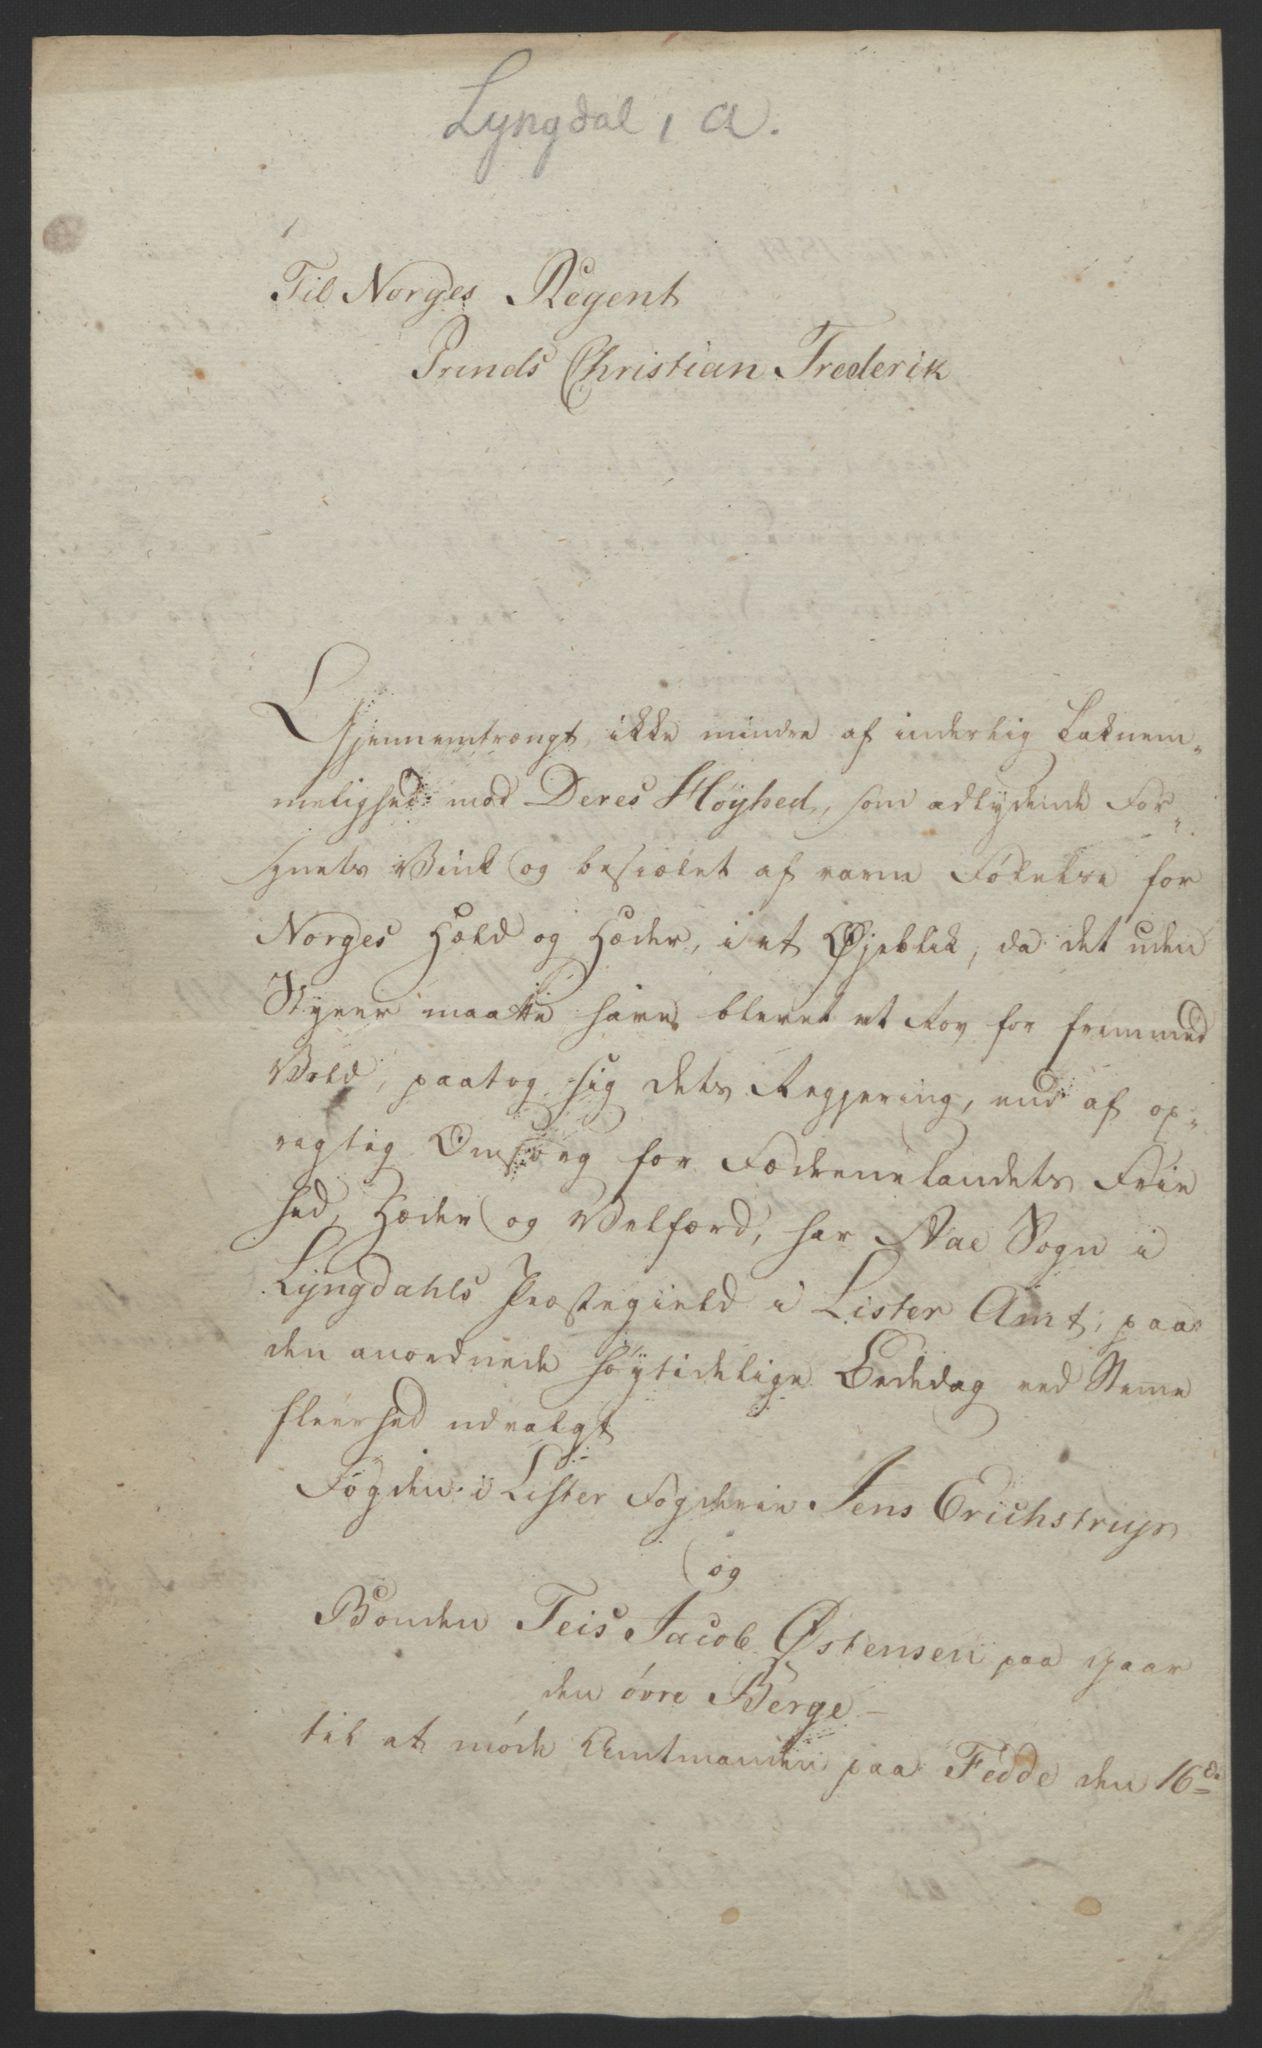 RA, Statsrådssekretariatet, D/Db/L0008: Fullmakter for Eidsvollsrepresentantene i 1814. , 1814, s. 169